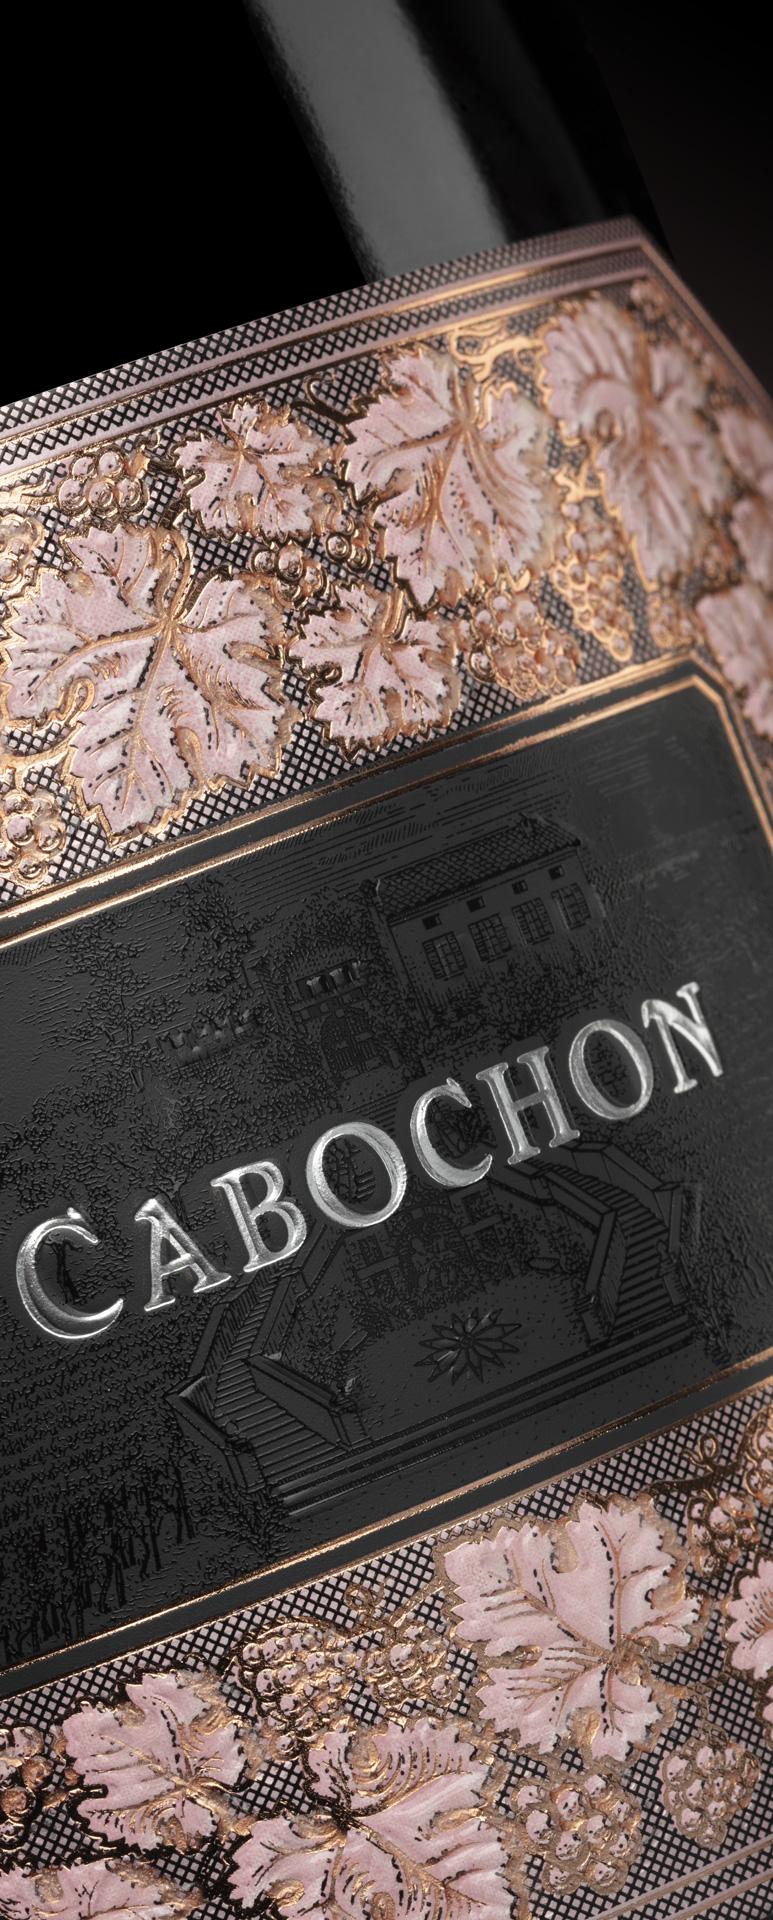 Cabochon Fuoriserie 06